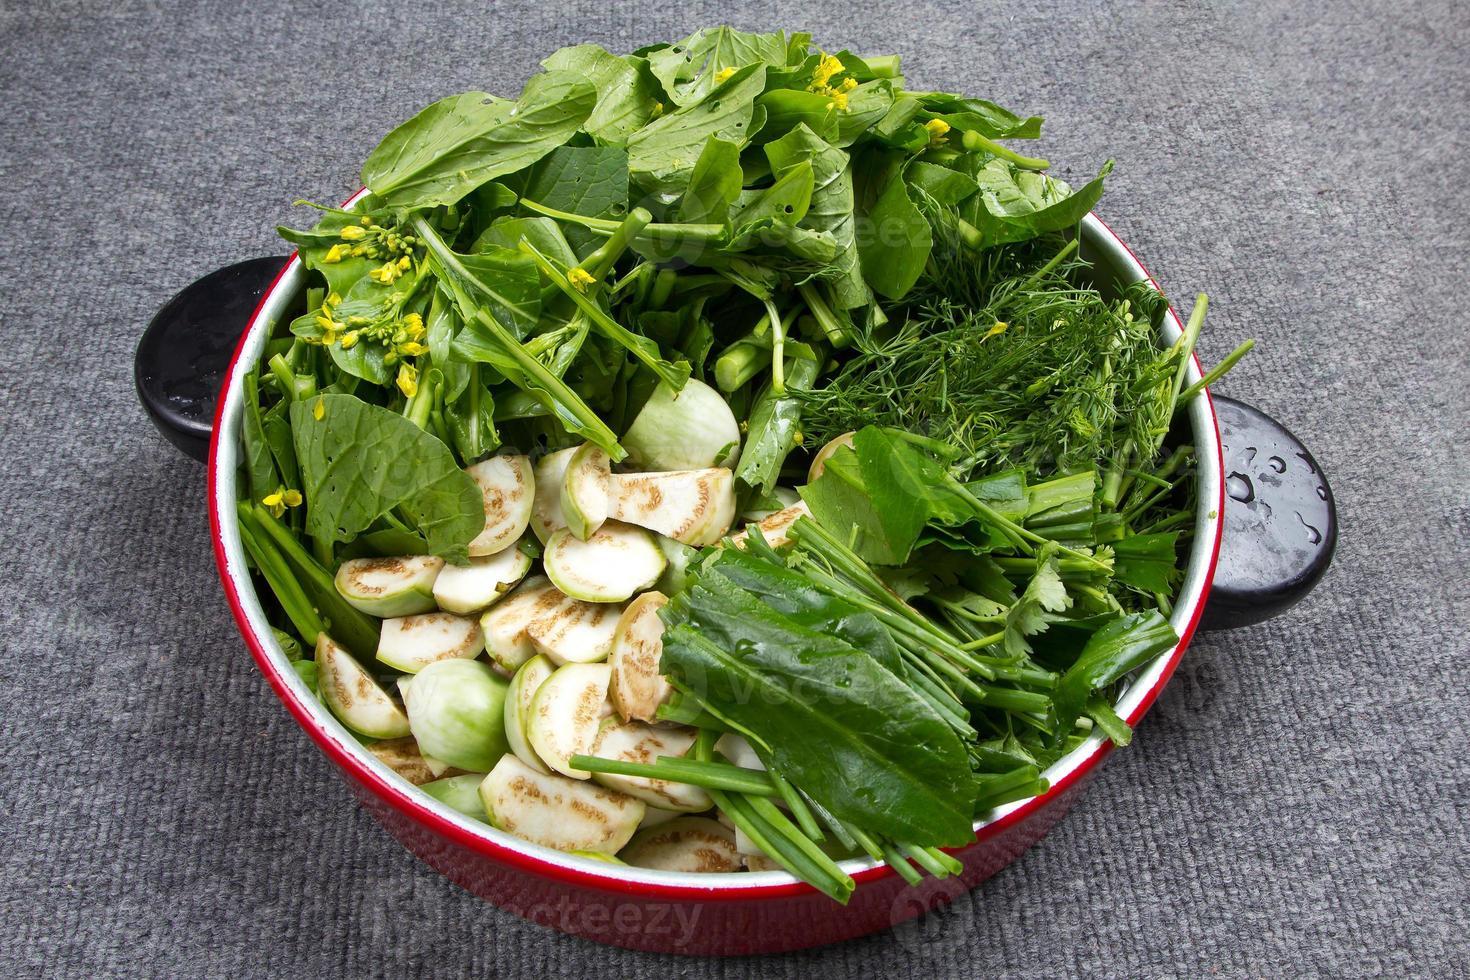 verduras verdes en rodajas para cocinar foto